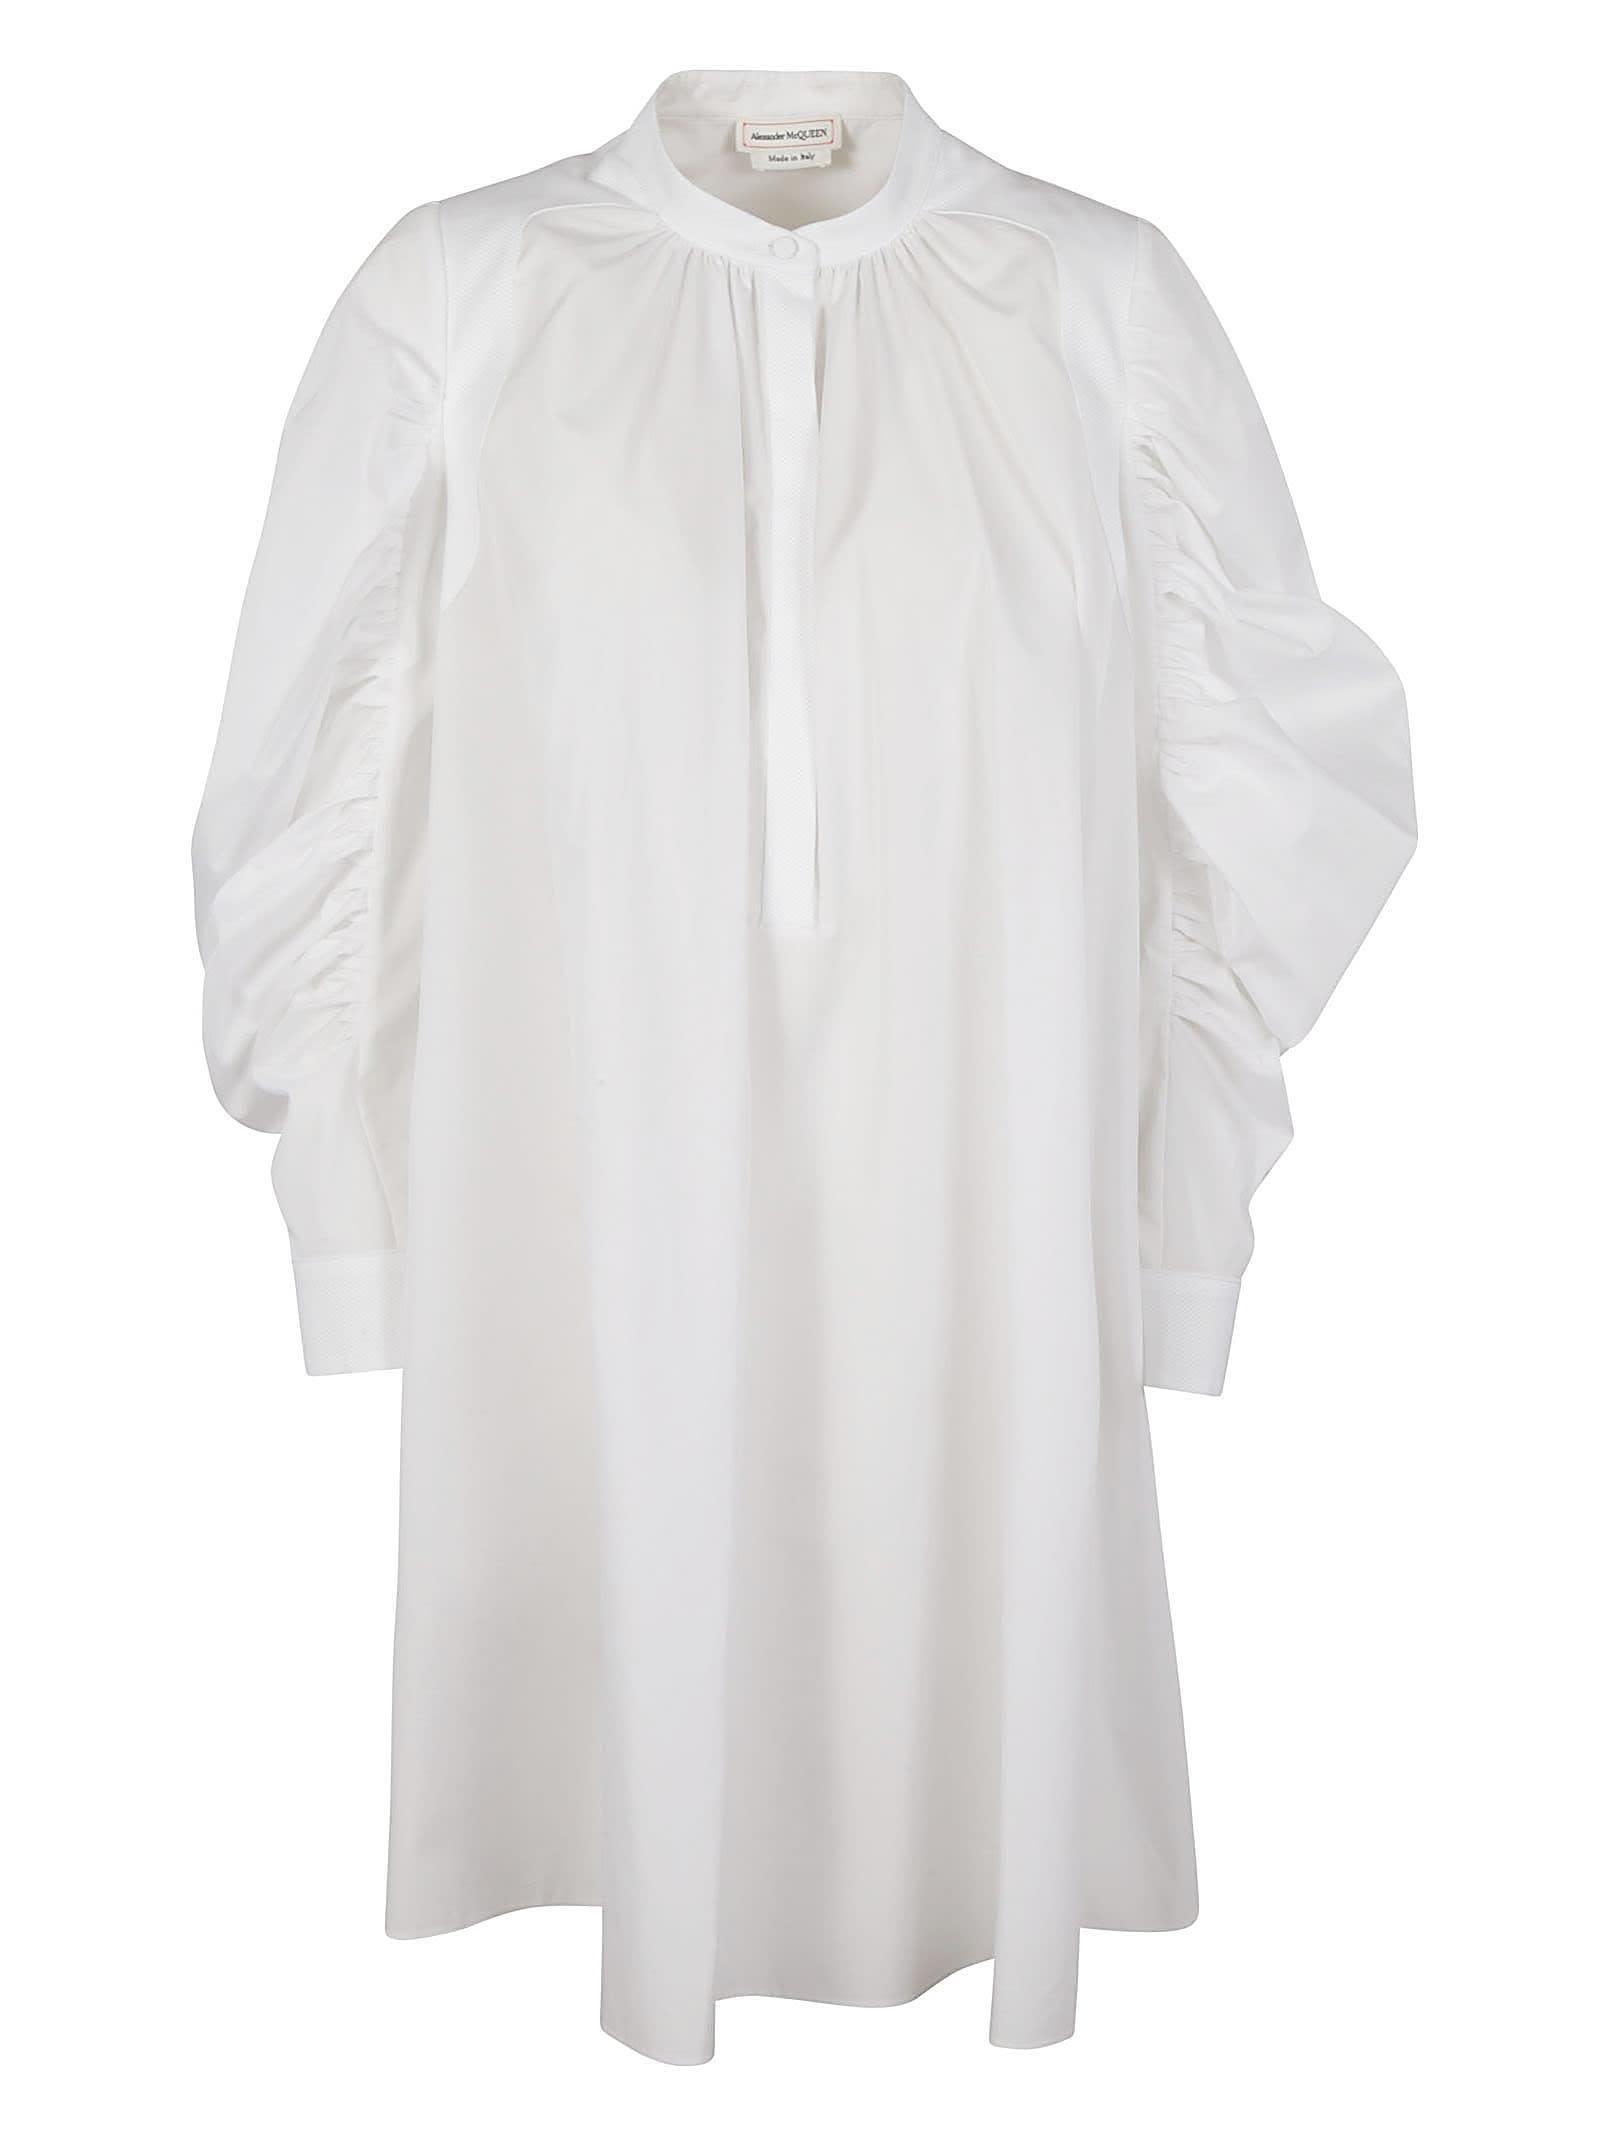 Harness Mini Dress